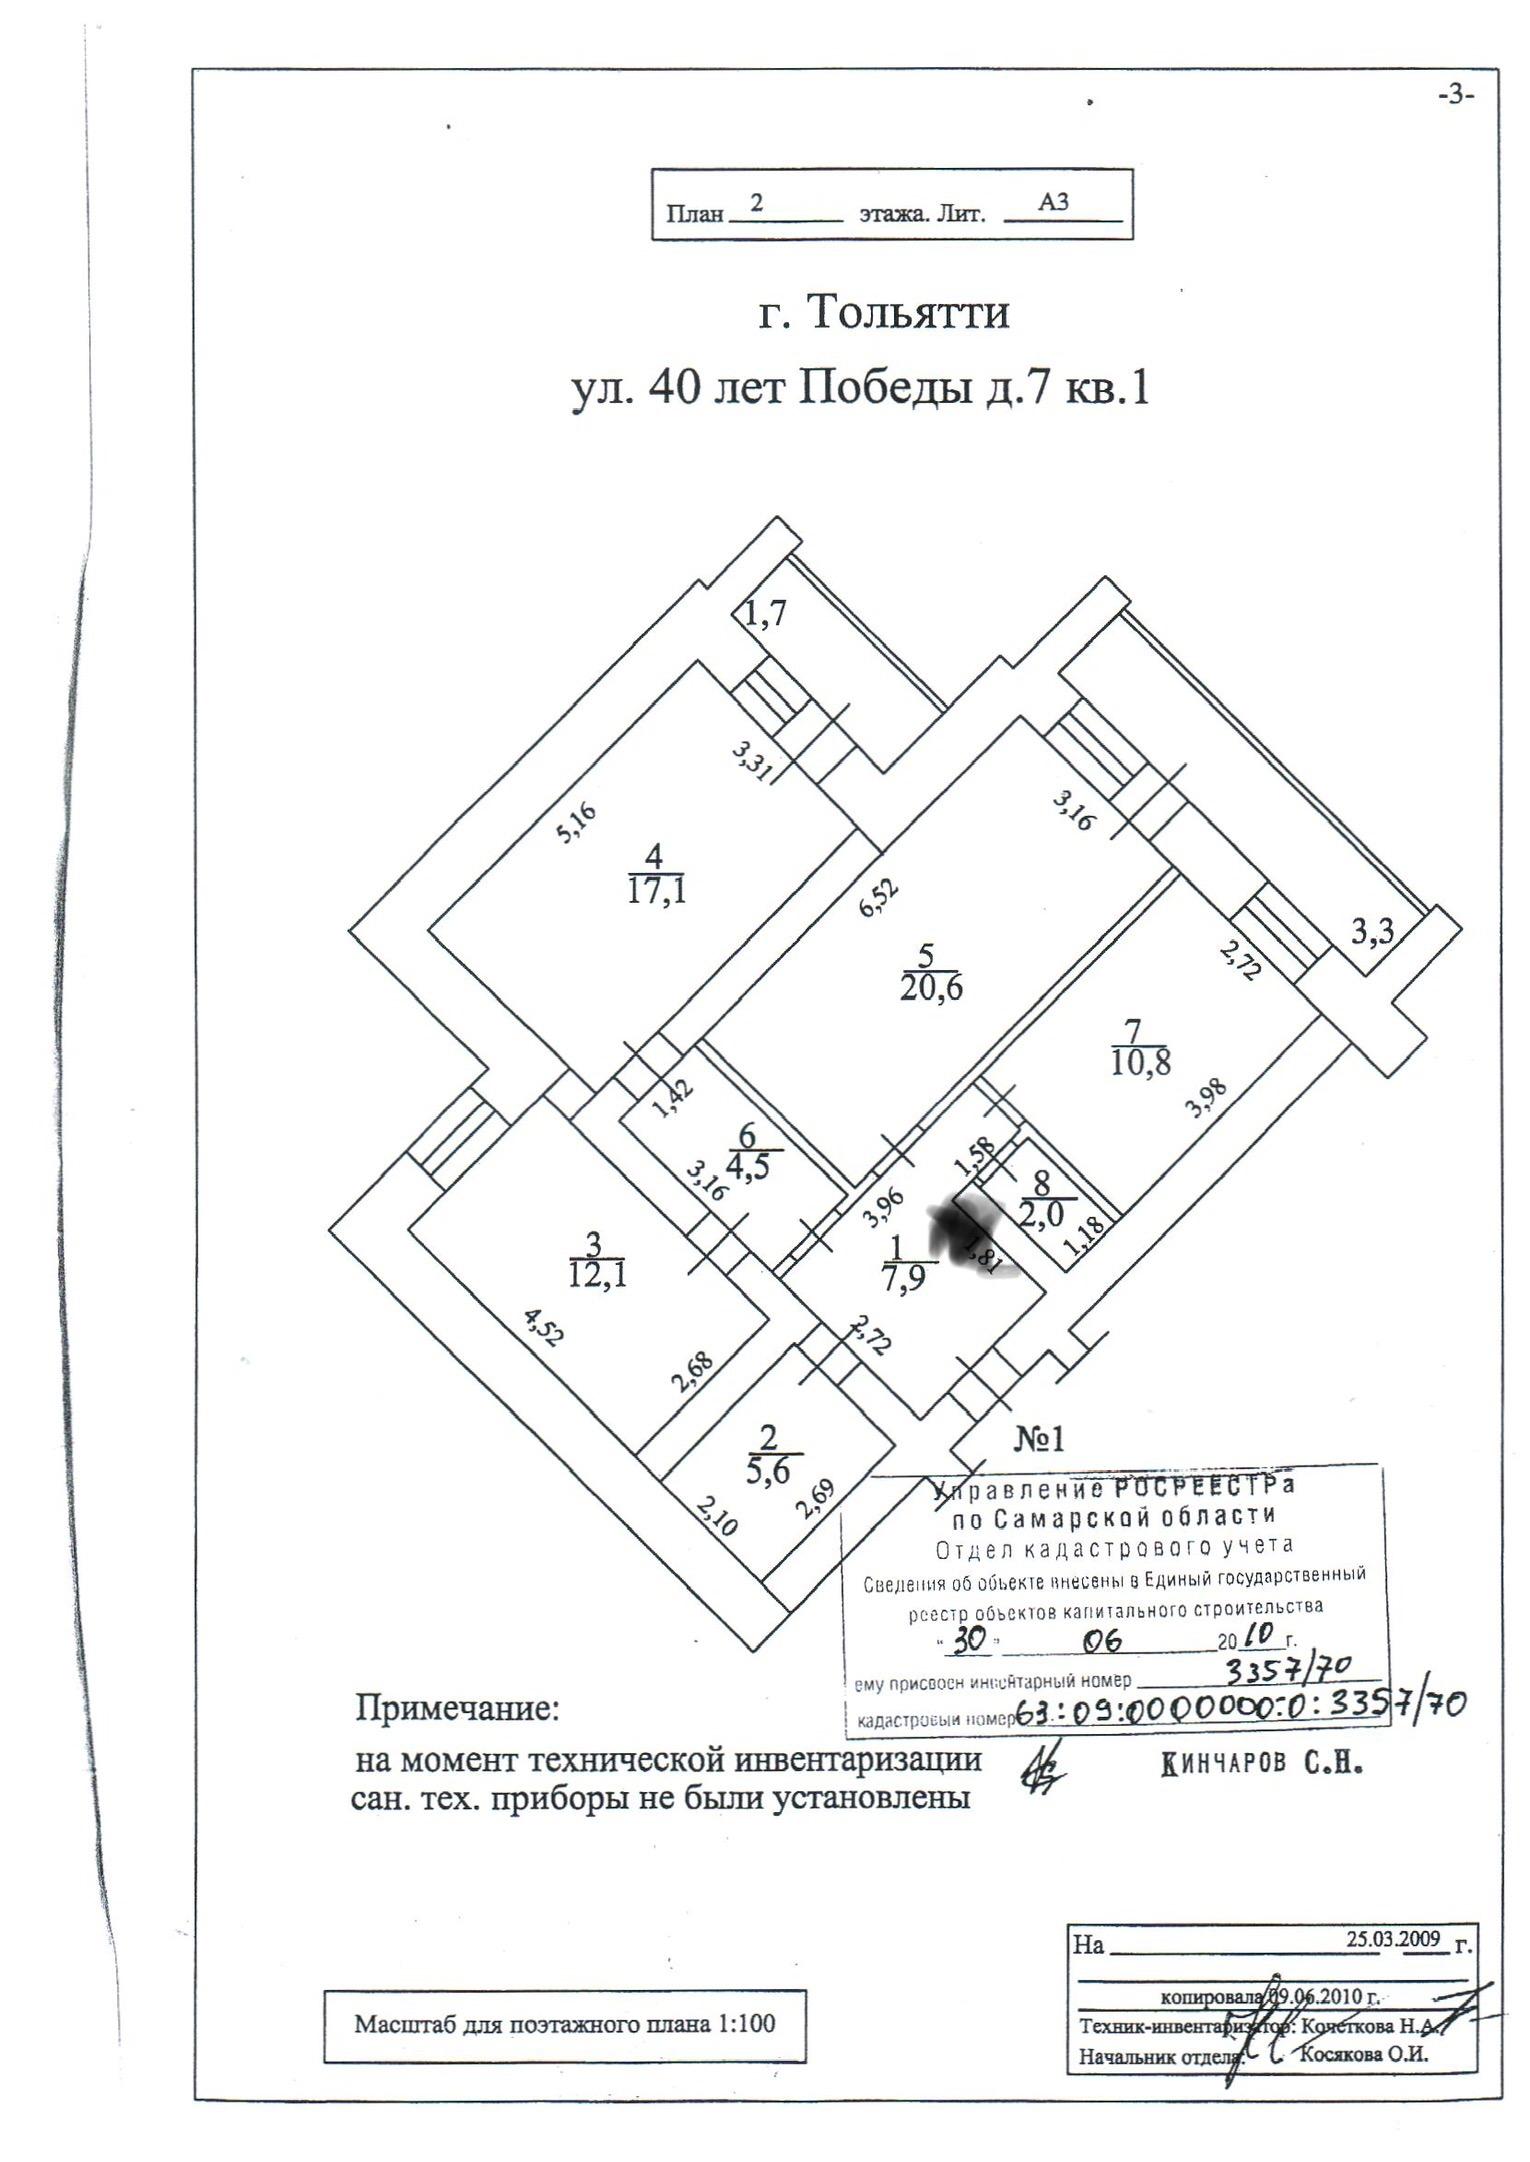 Выбор домашнего маршрутизатора  Читаем первую страницу